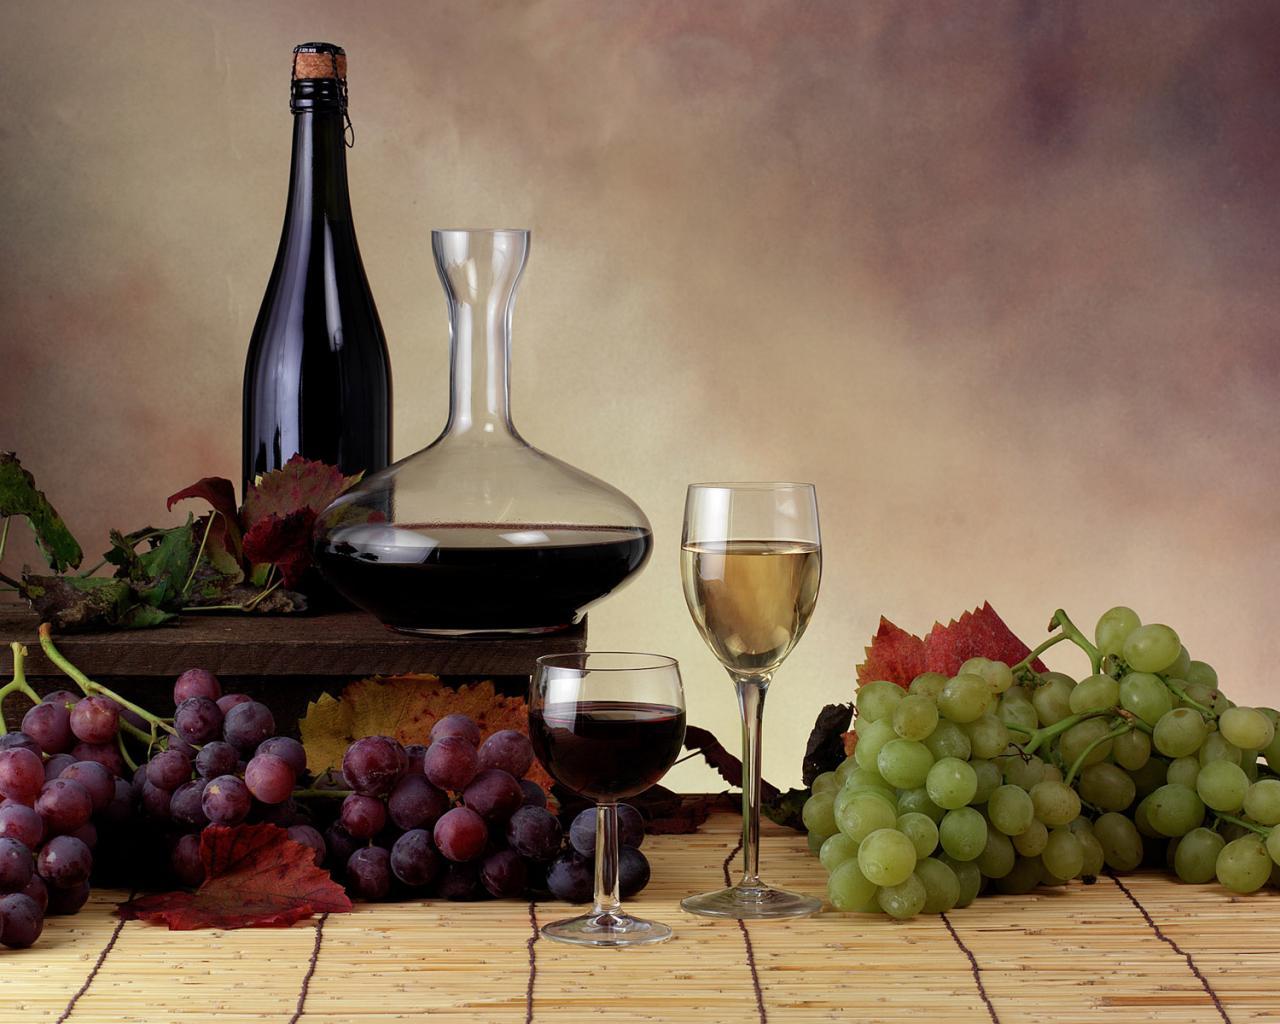 Виноград вино и цветы 90